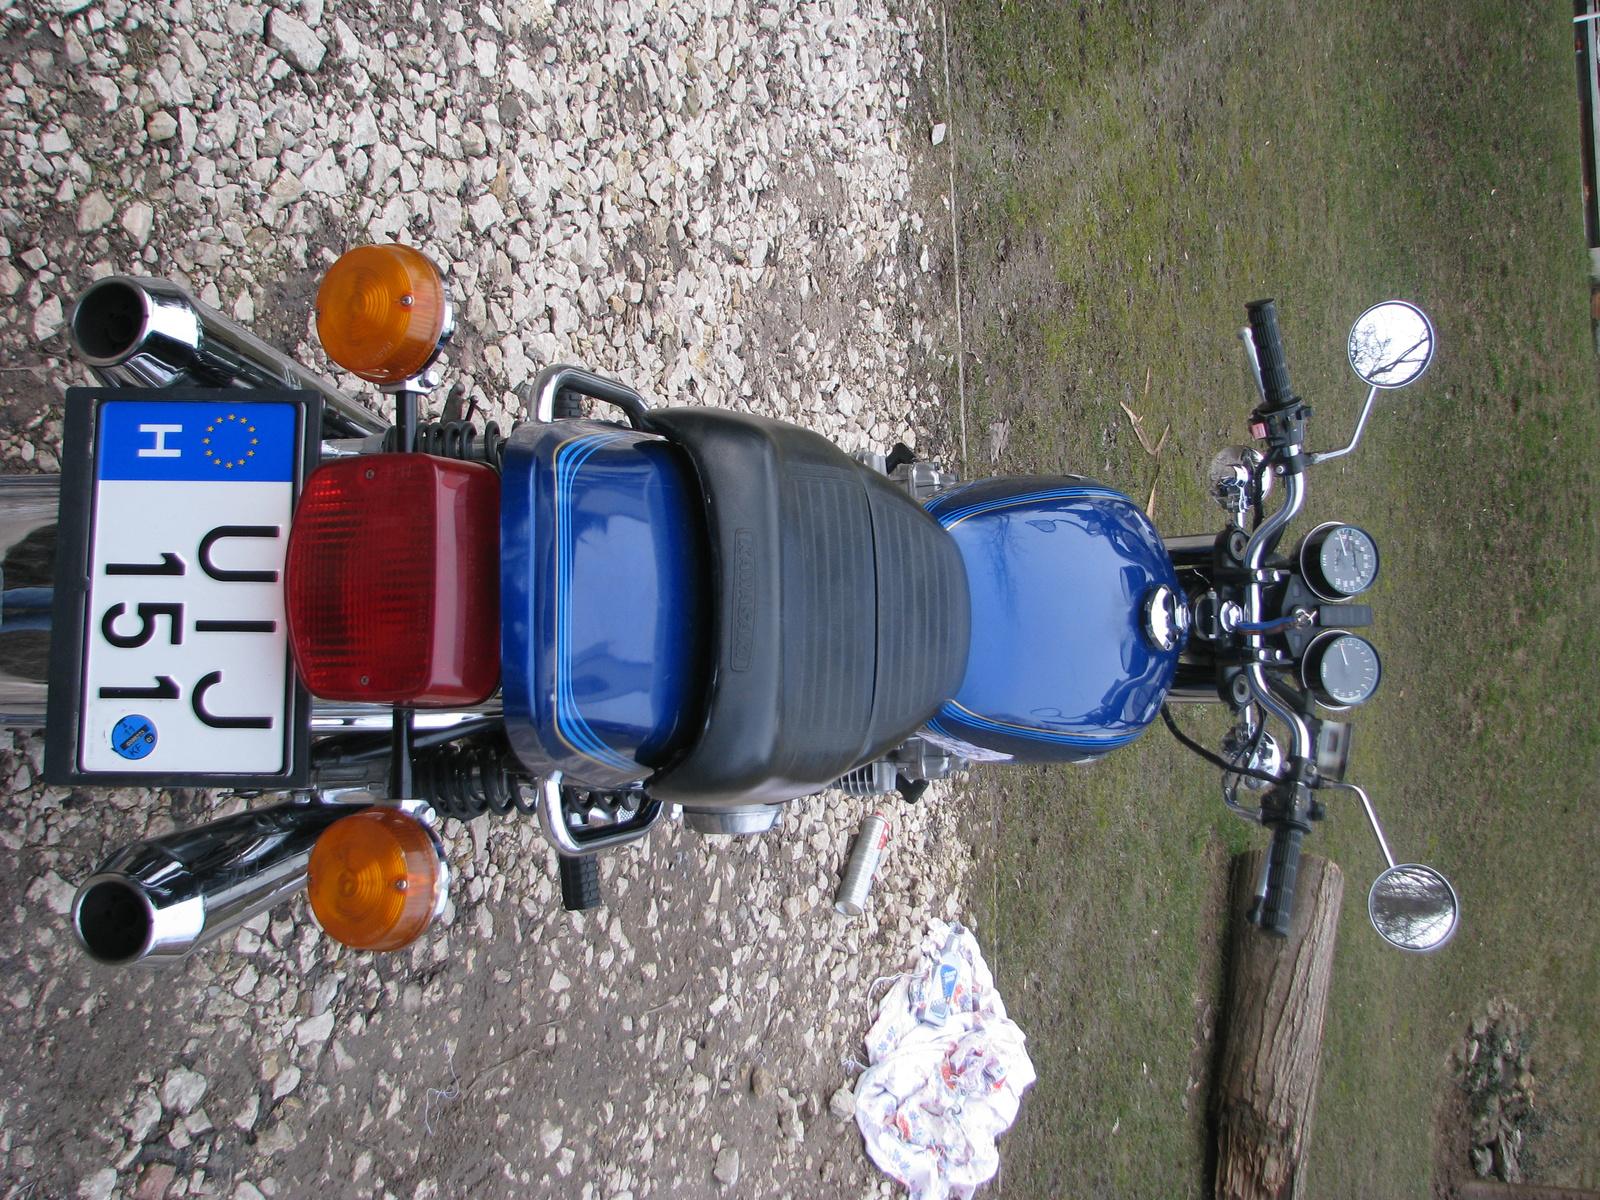 Kawasaki z650 4